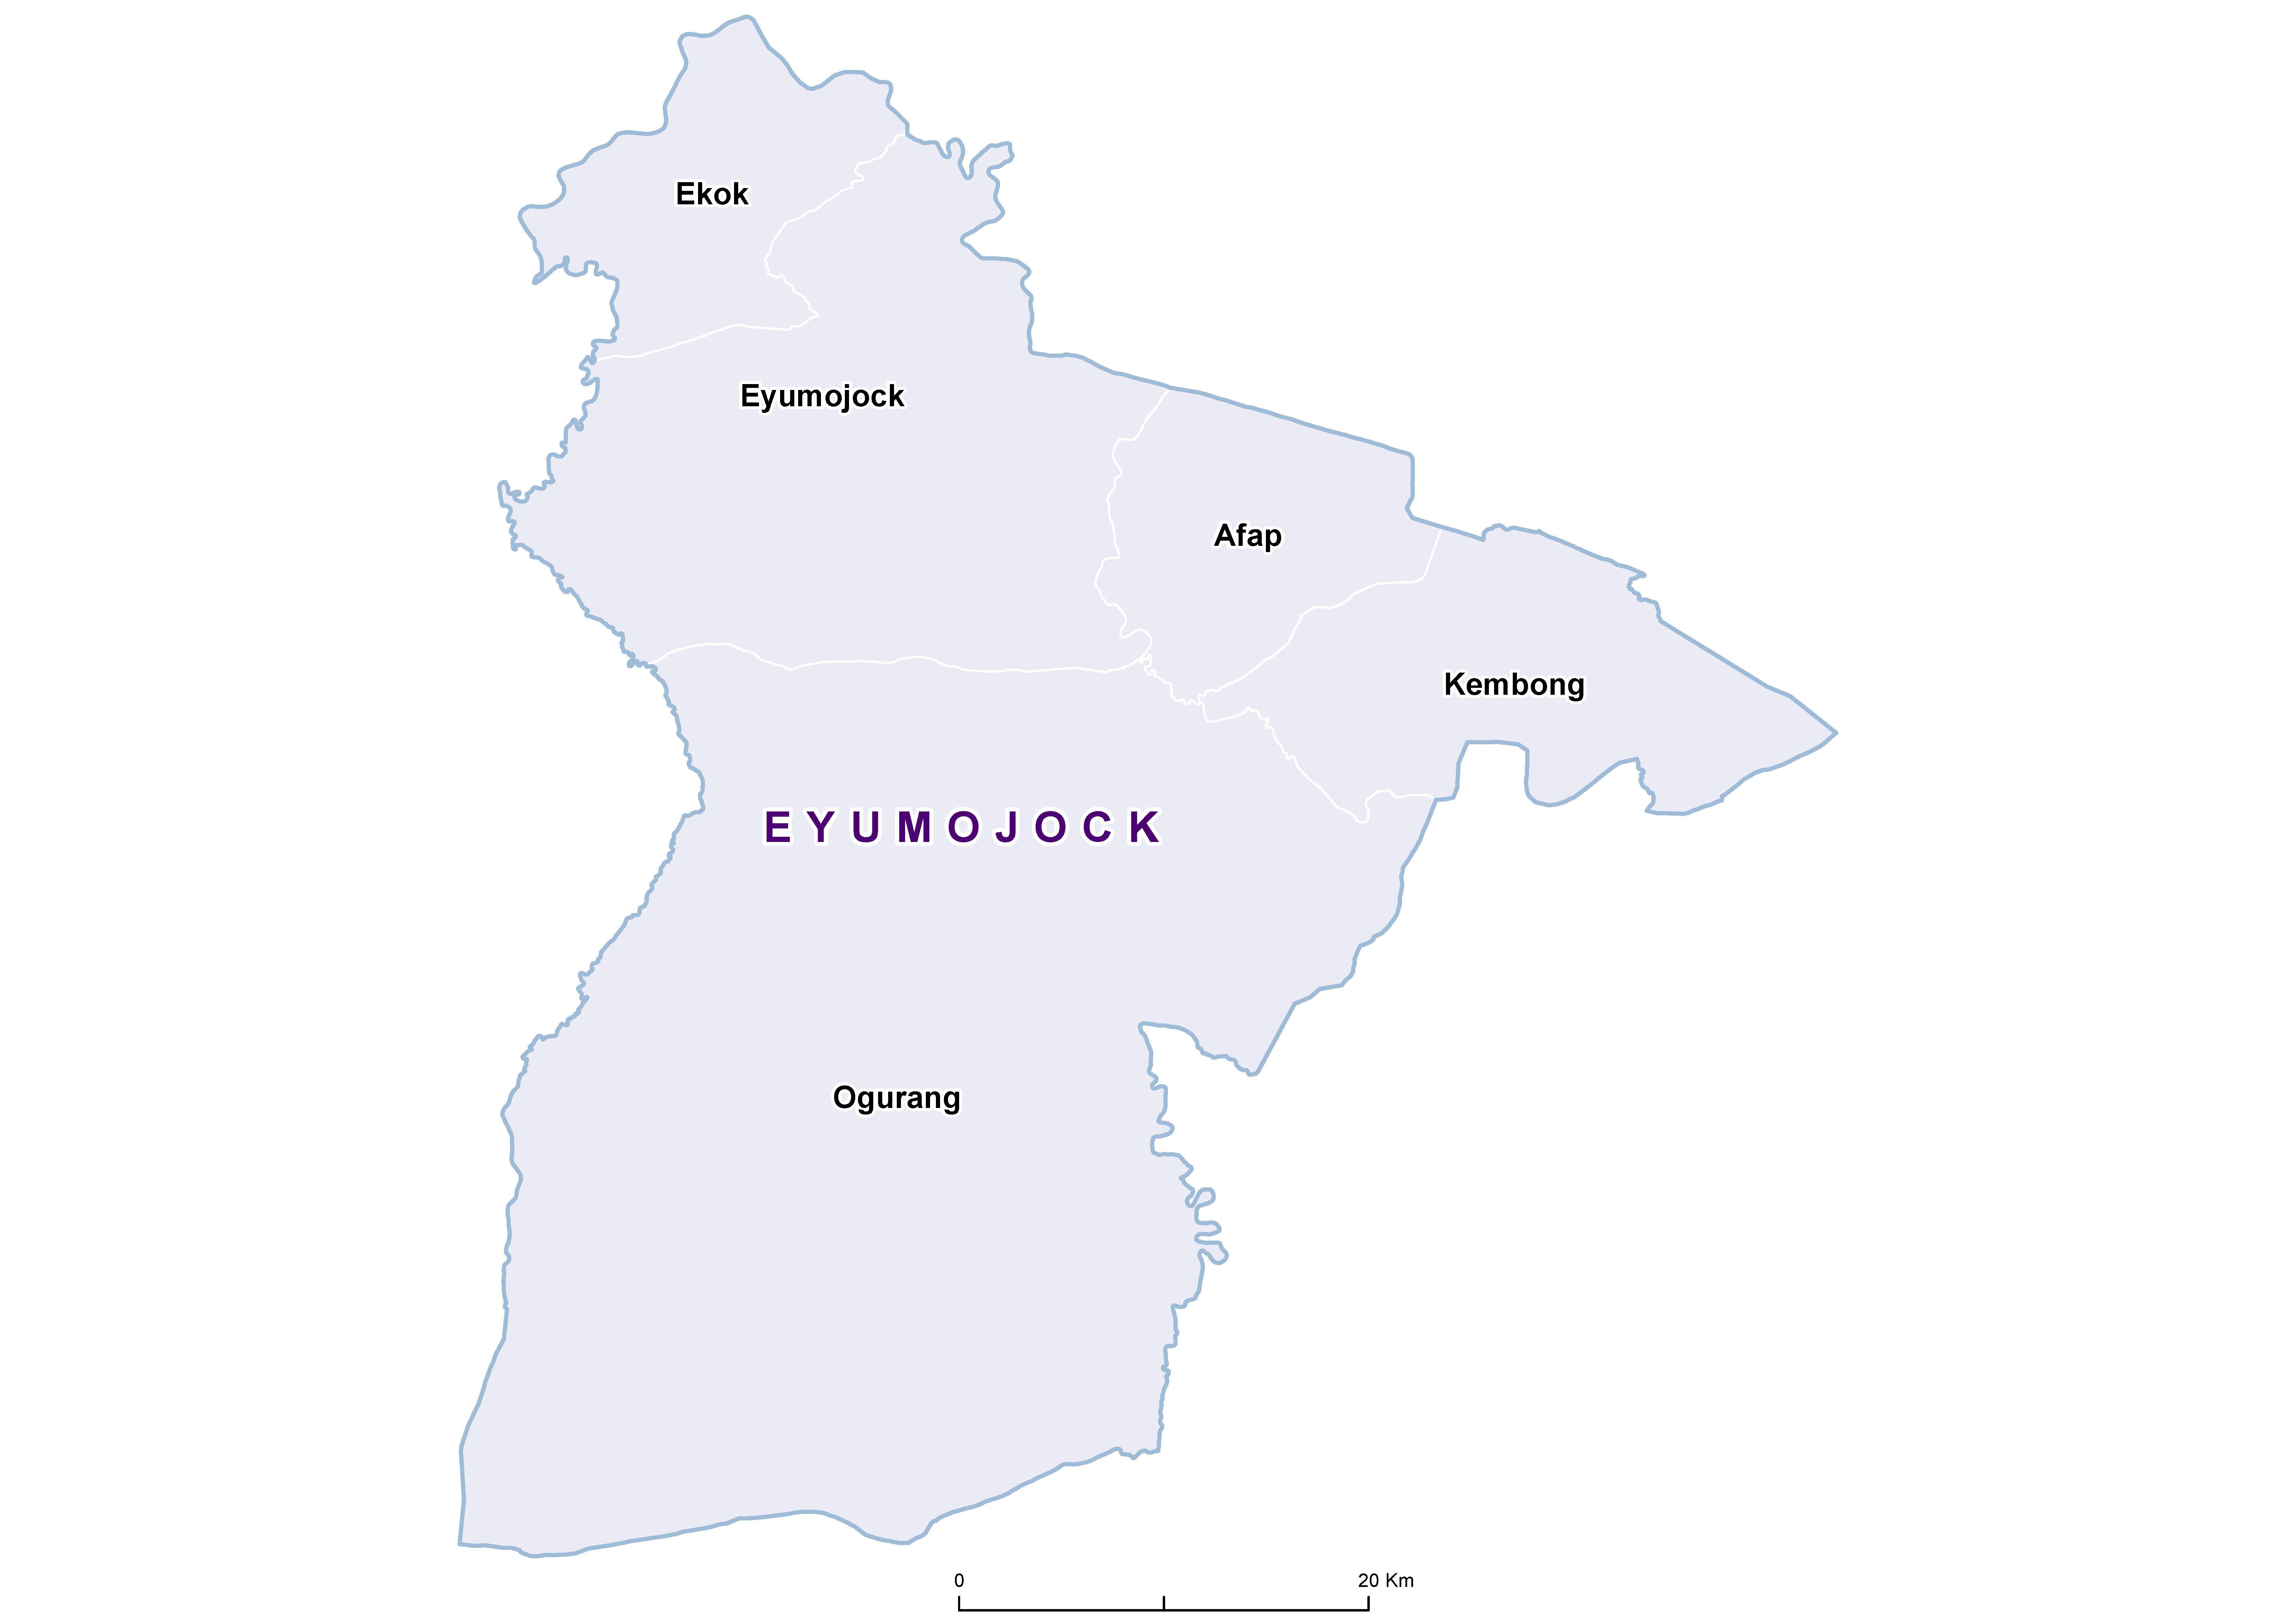 Eyumojock STH 20180001